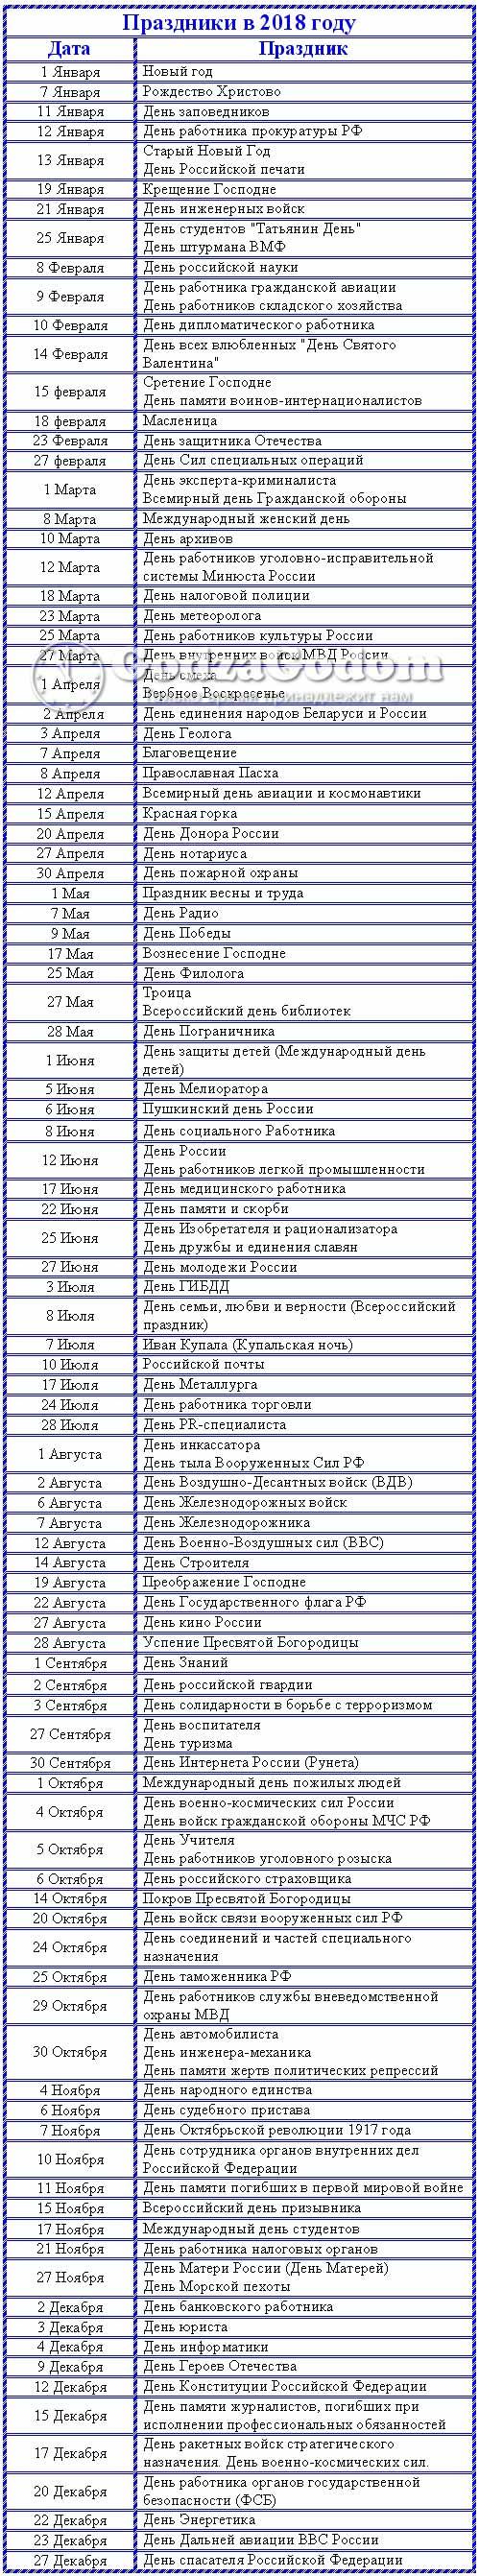 Календарь с праздниками на 2018 год (по месяцам)